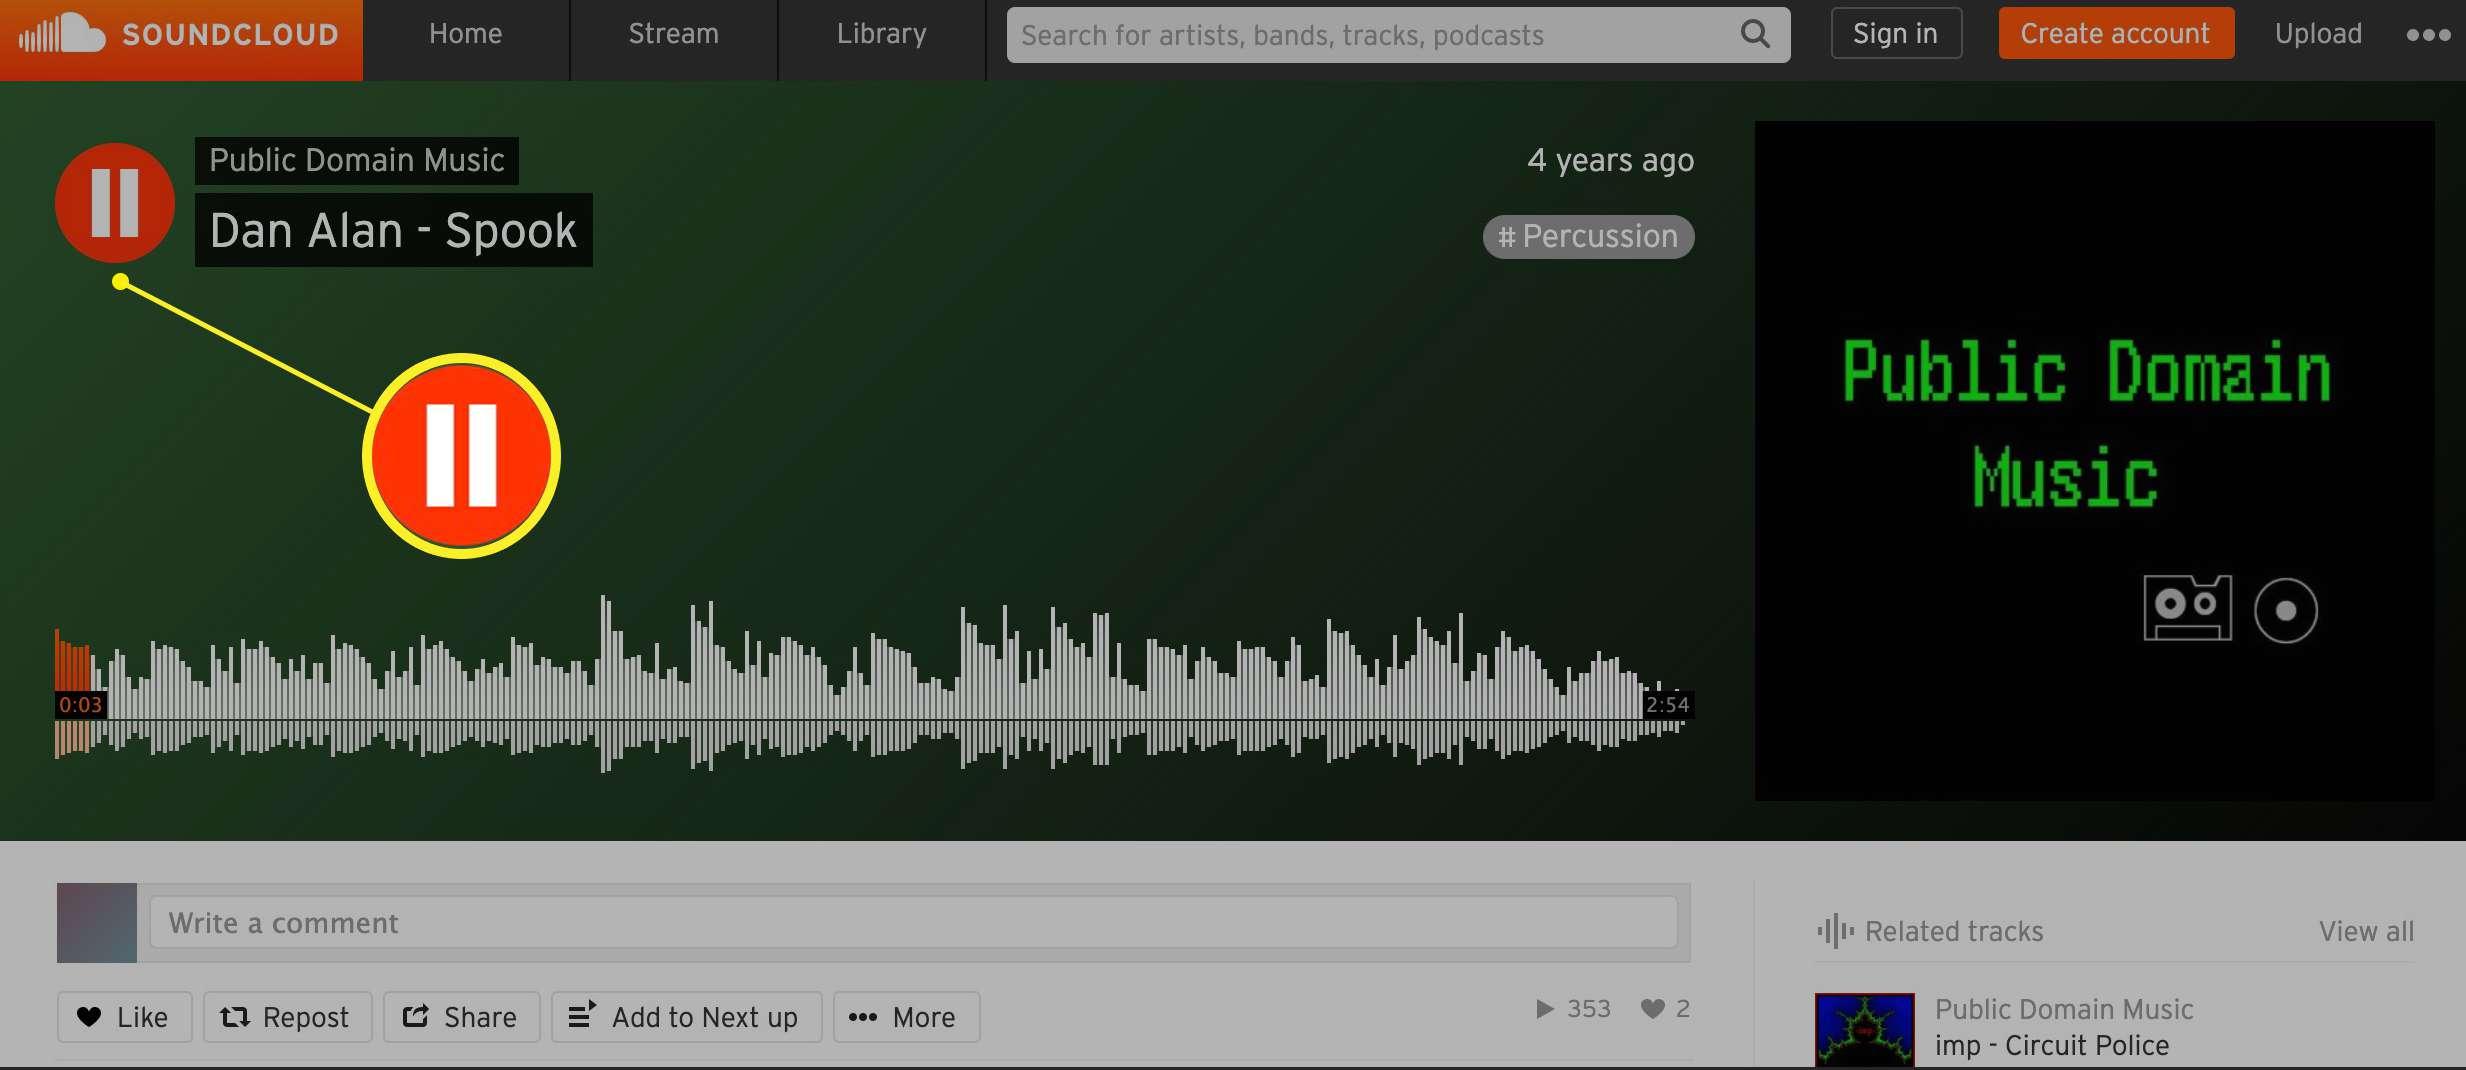 Soundcloud Pause button